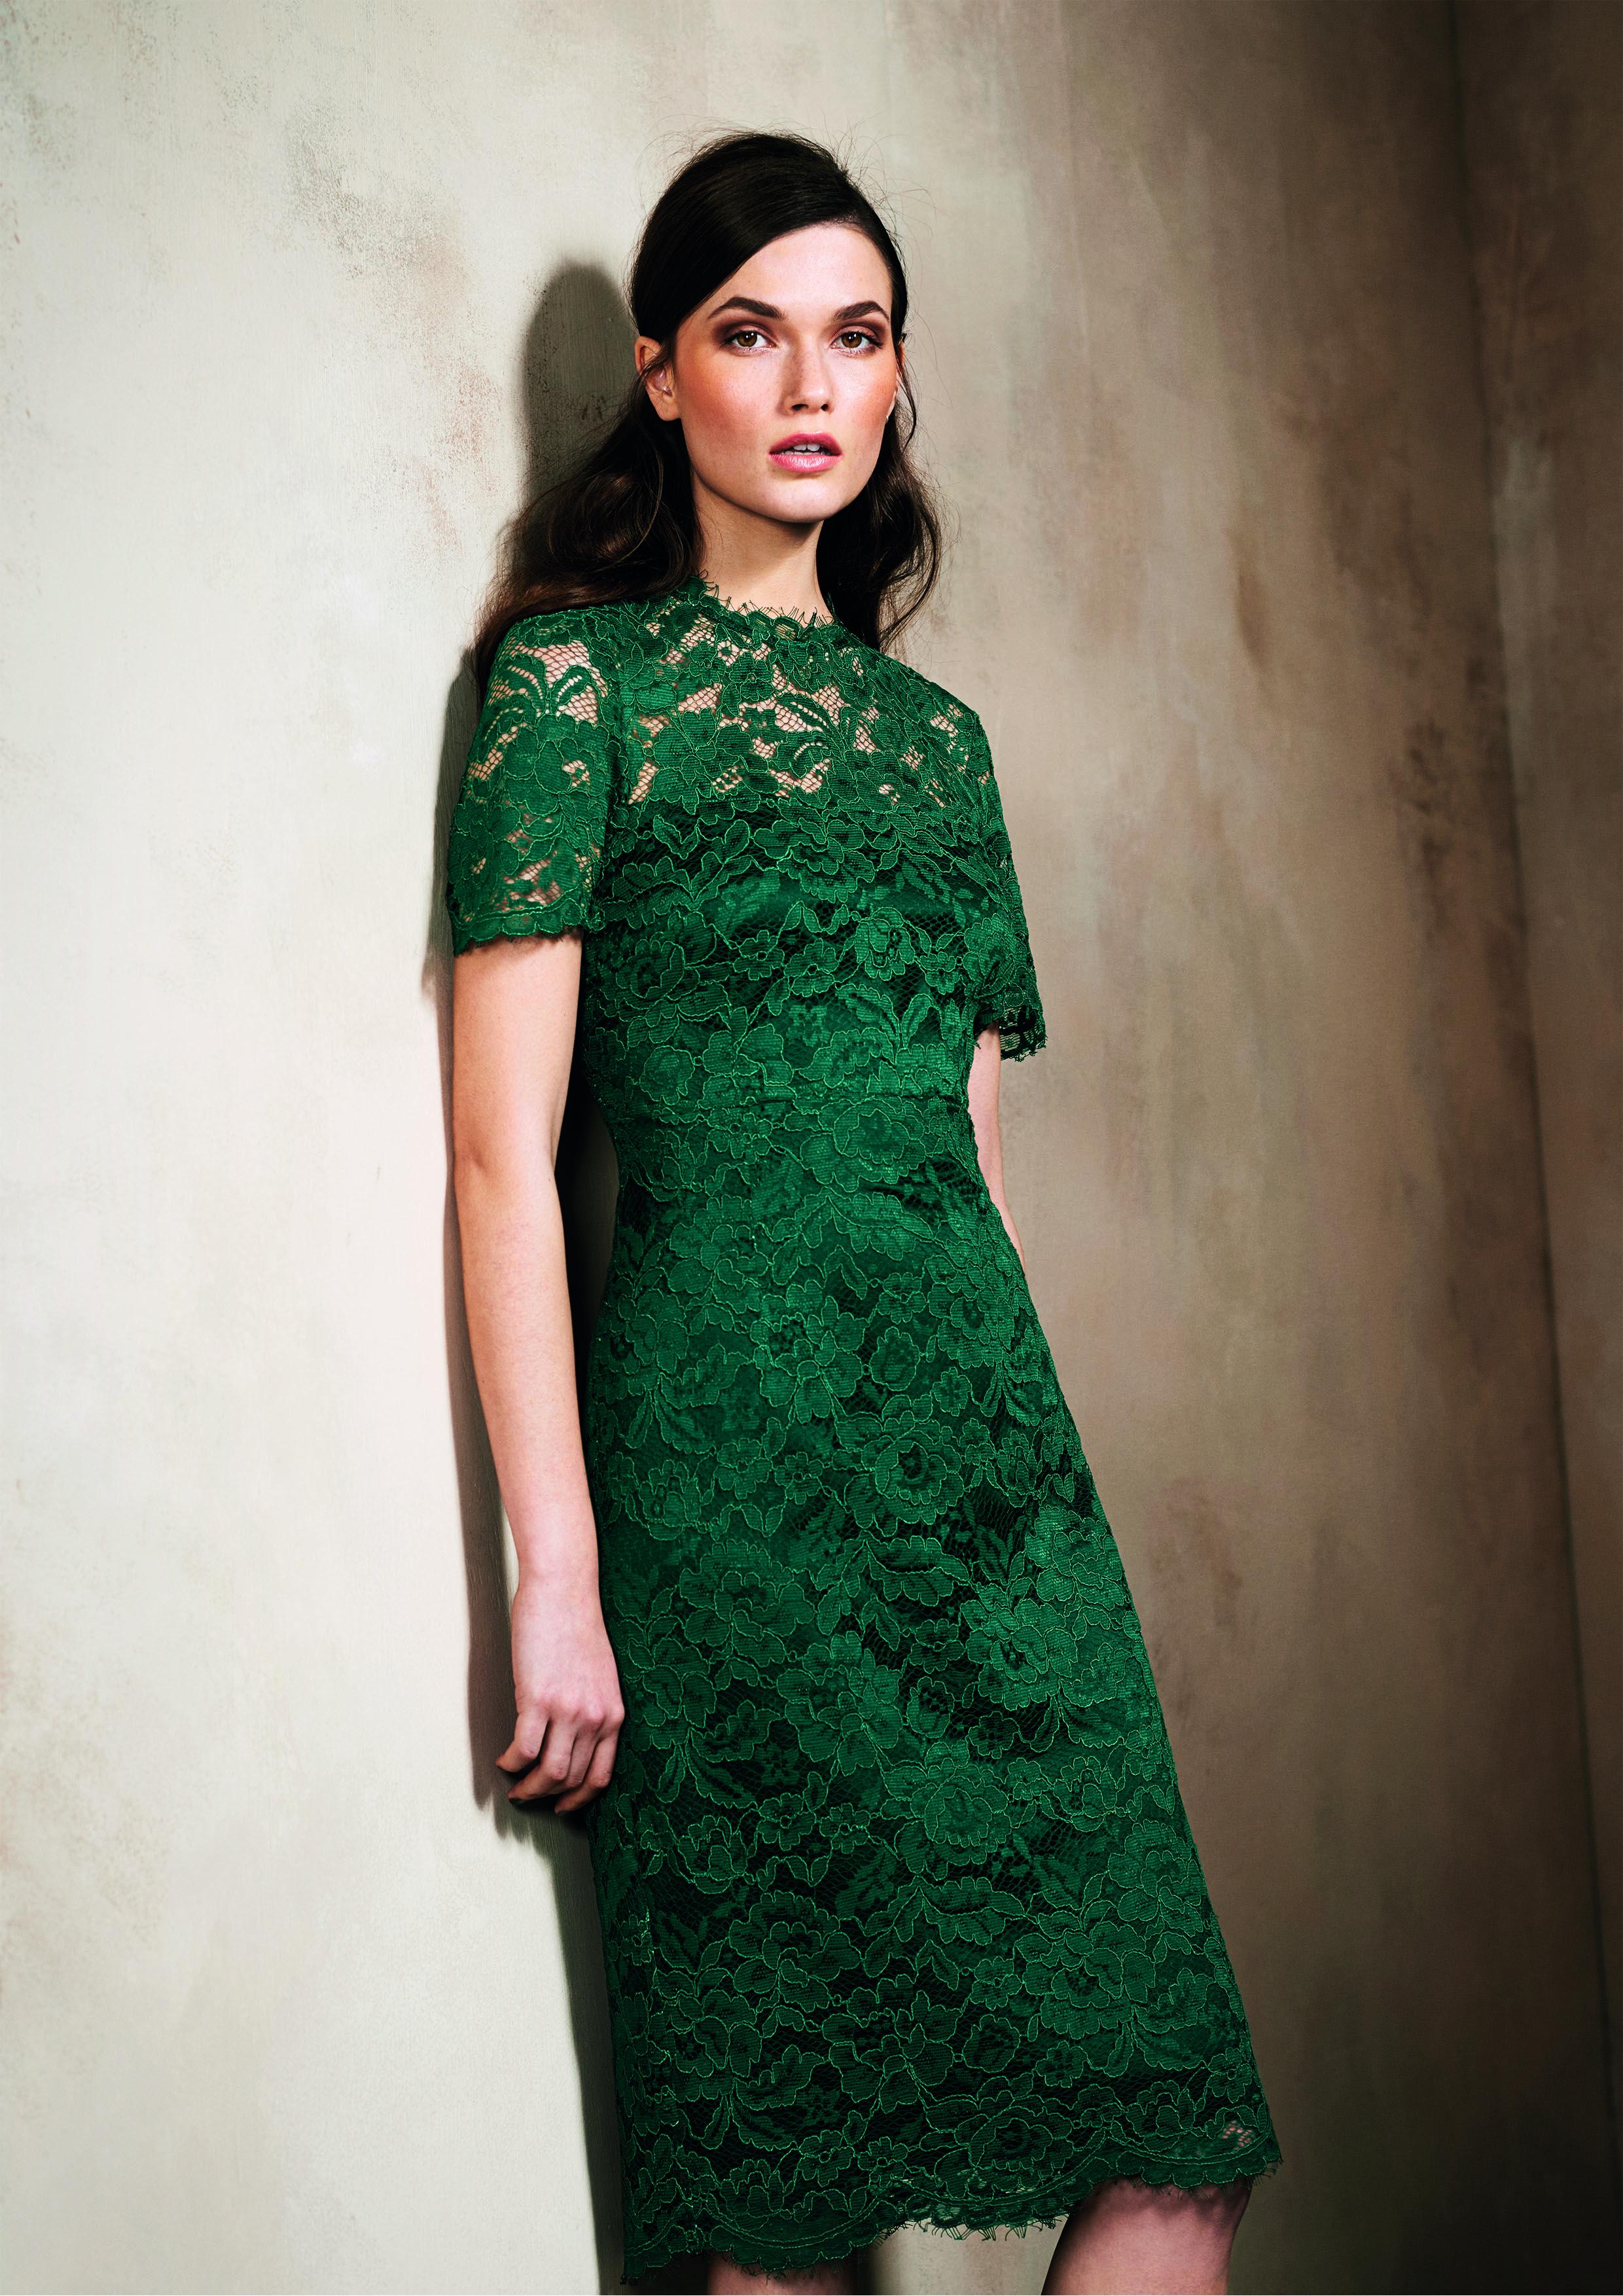 Cassia Lace Dress   Autumn Fashion   Pinterest   Lace dress, Winter ...